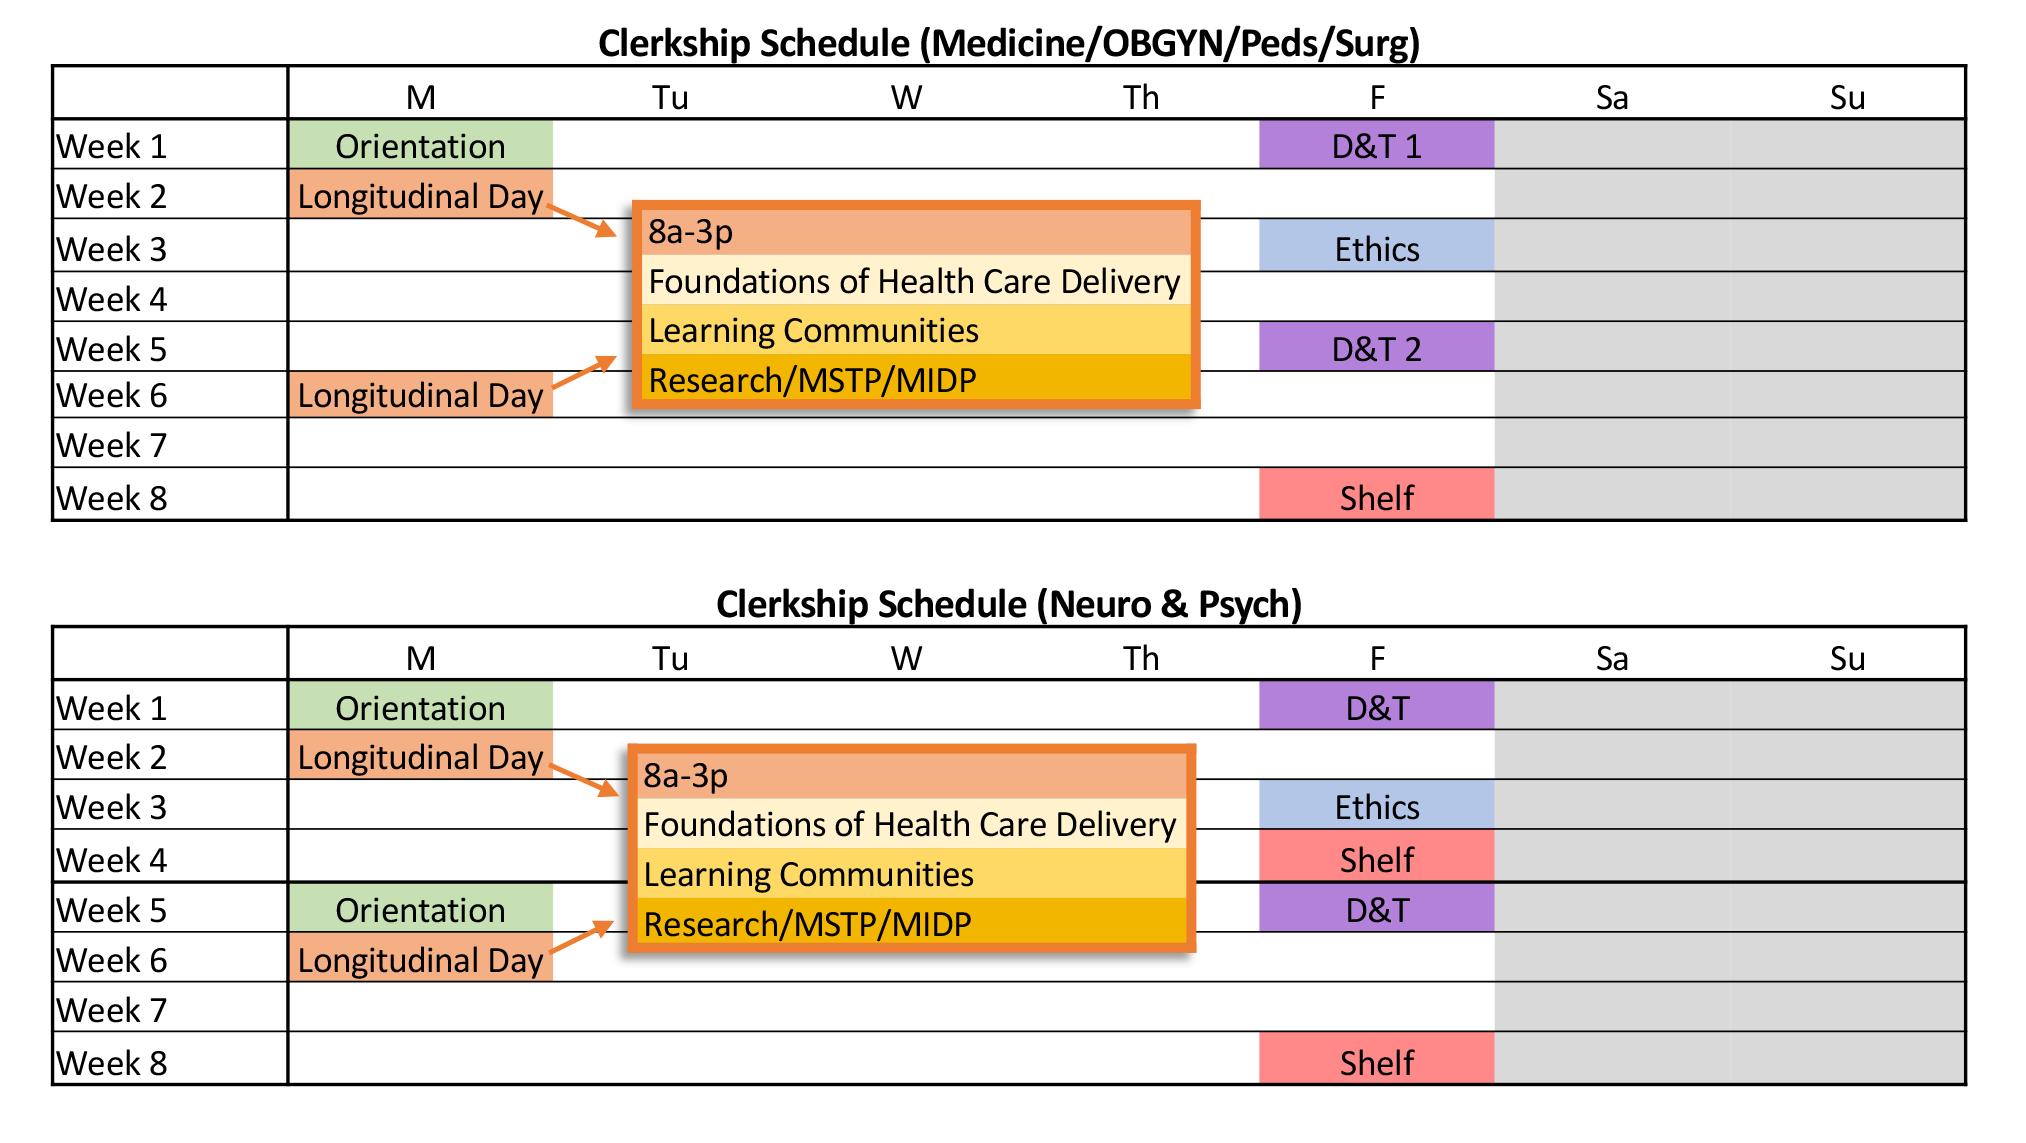 Clerkship Schedule